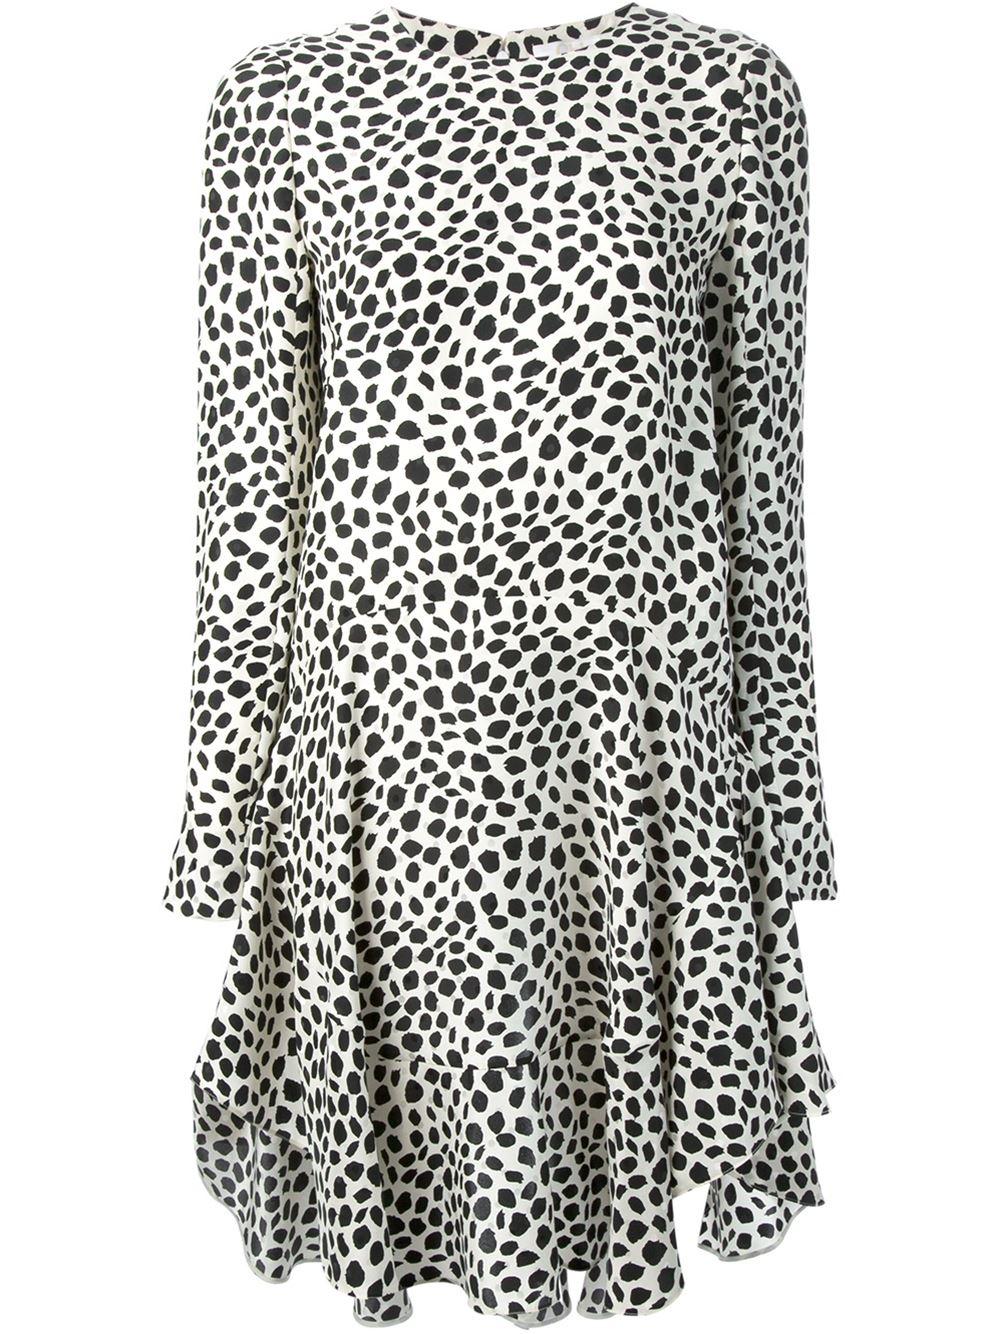 Dresses For Petite Women